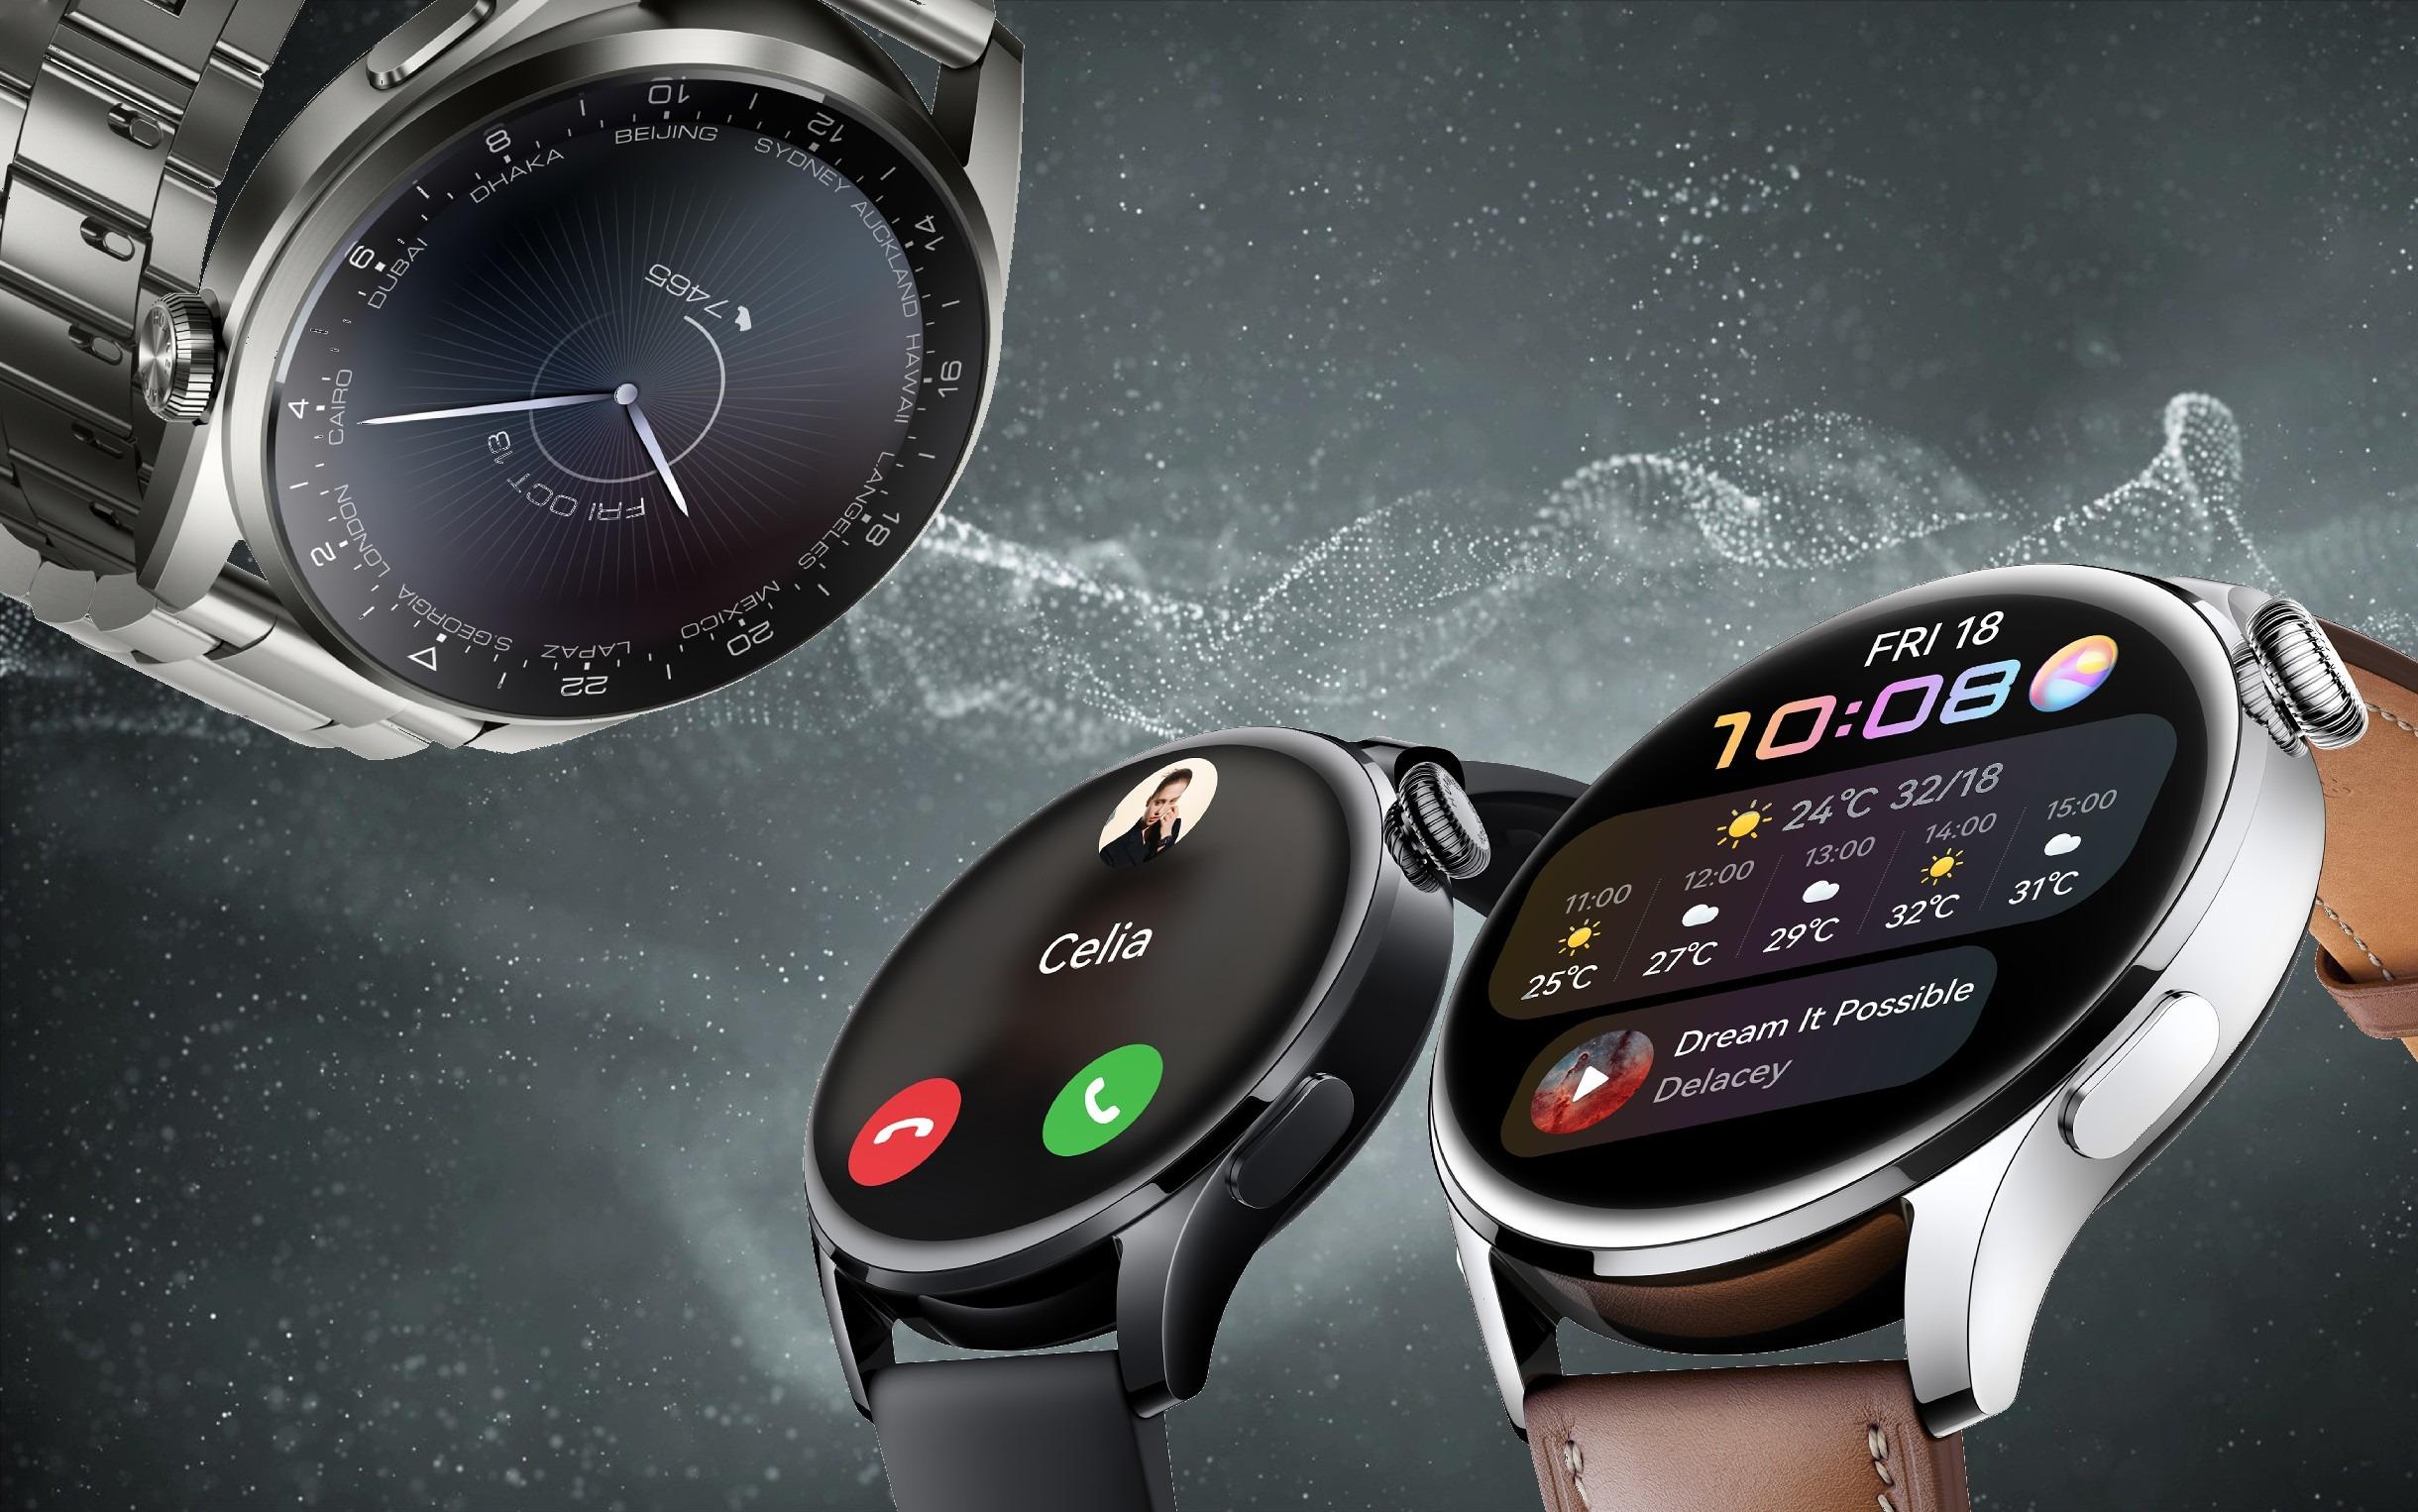 Sforum - Trang thông tin công nghệ mới nhất gsmarena_000 Huawei ra mắt Watch 3 và Watch 3 Pro tại Việt Nam: Hỗ trợ eSIM, hơn 100 chế độ tập luyện, giá chỉ từ 9.9 triệu đồng